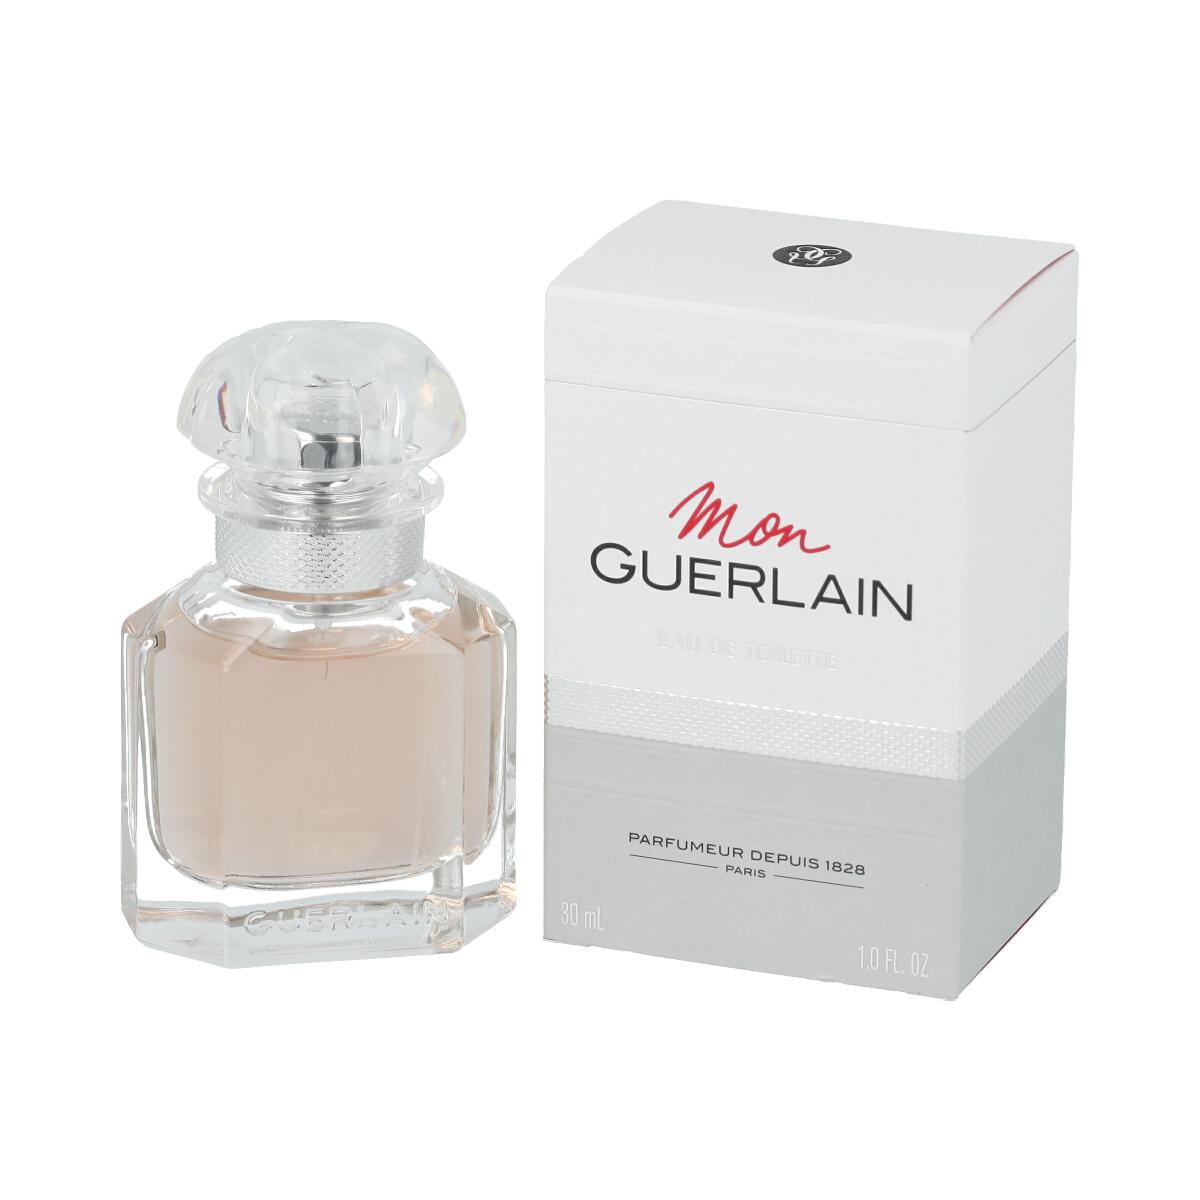 Guerlain Mon Guerlain Eau De Toilette 30 ml (woman) 11328